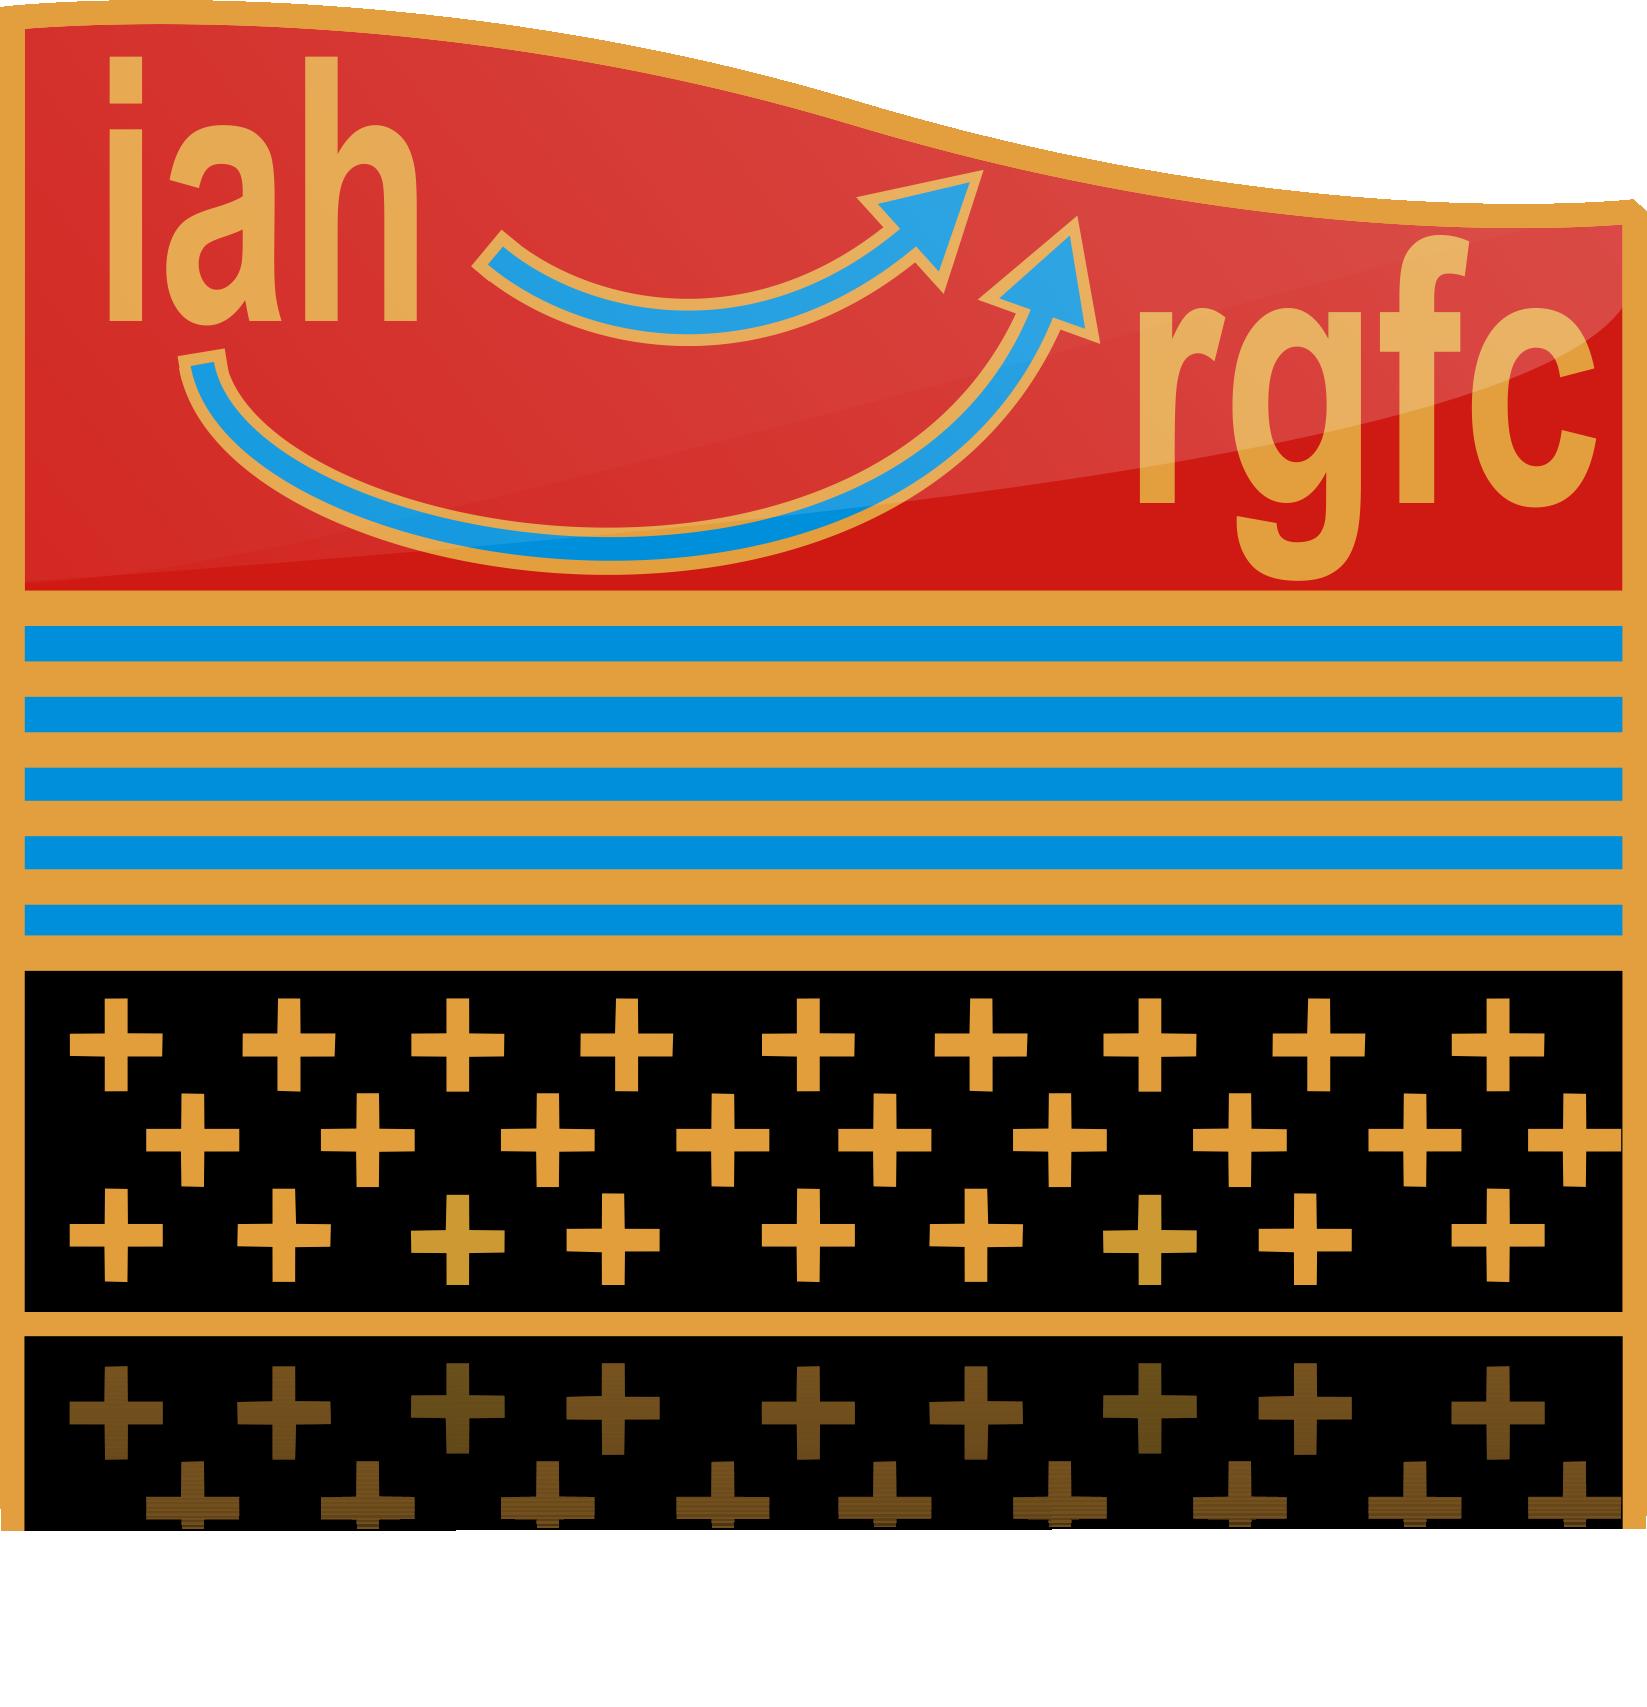 iah-rgfc